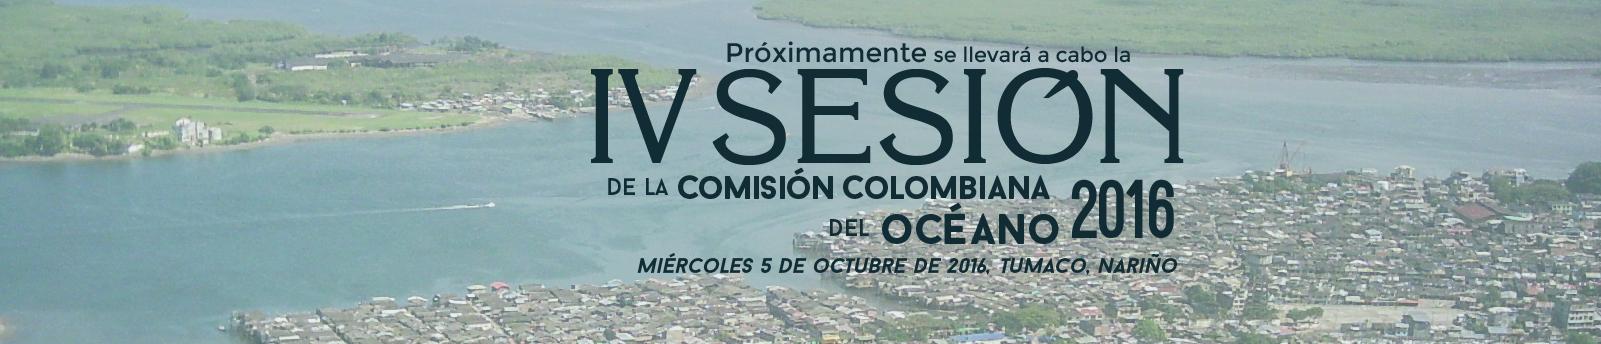 IV Sesión de la Comisión Colombiana del Océano 2016